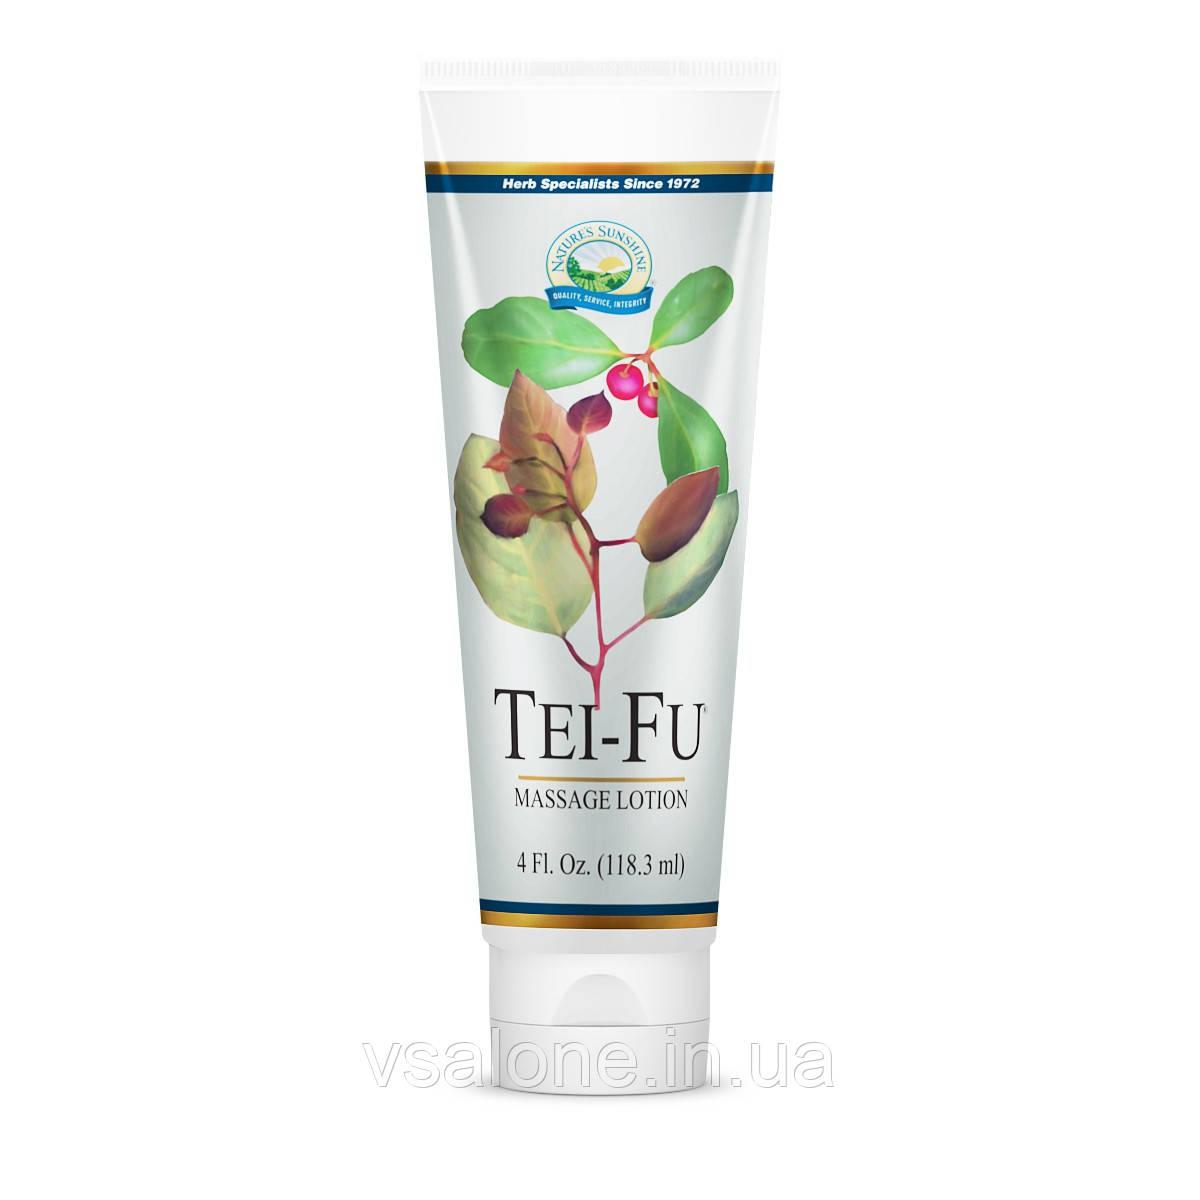 Tei-Fu Massage Lotion NSP Обезболивающий лосьон Тэй-Фу для мышц и суставов НСП